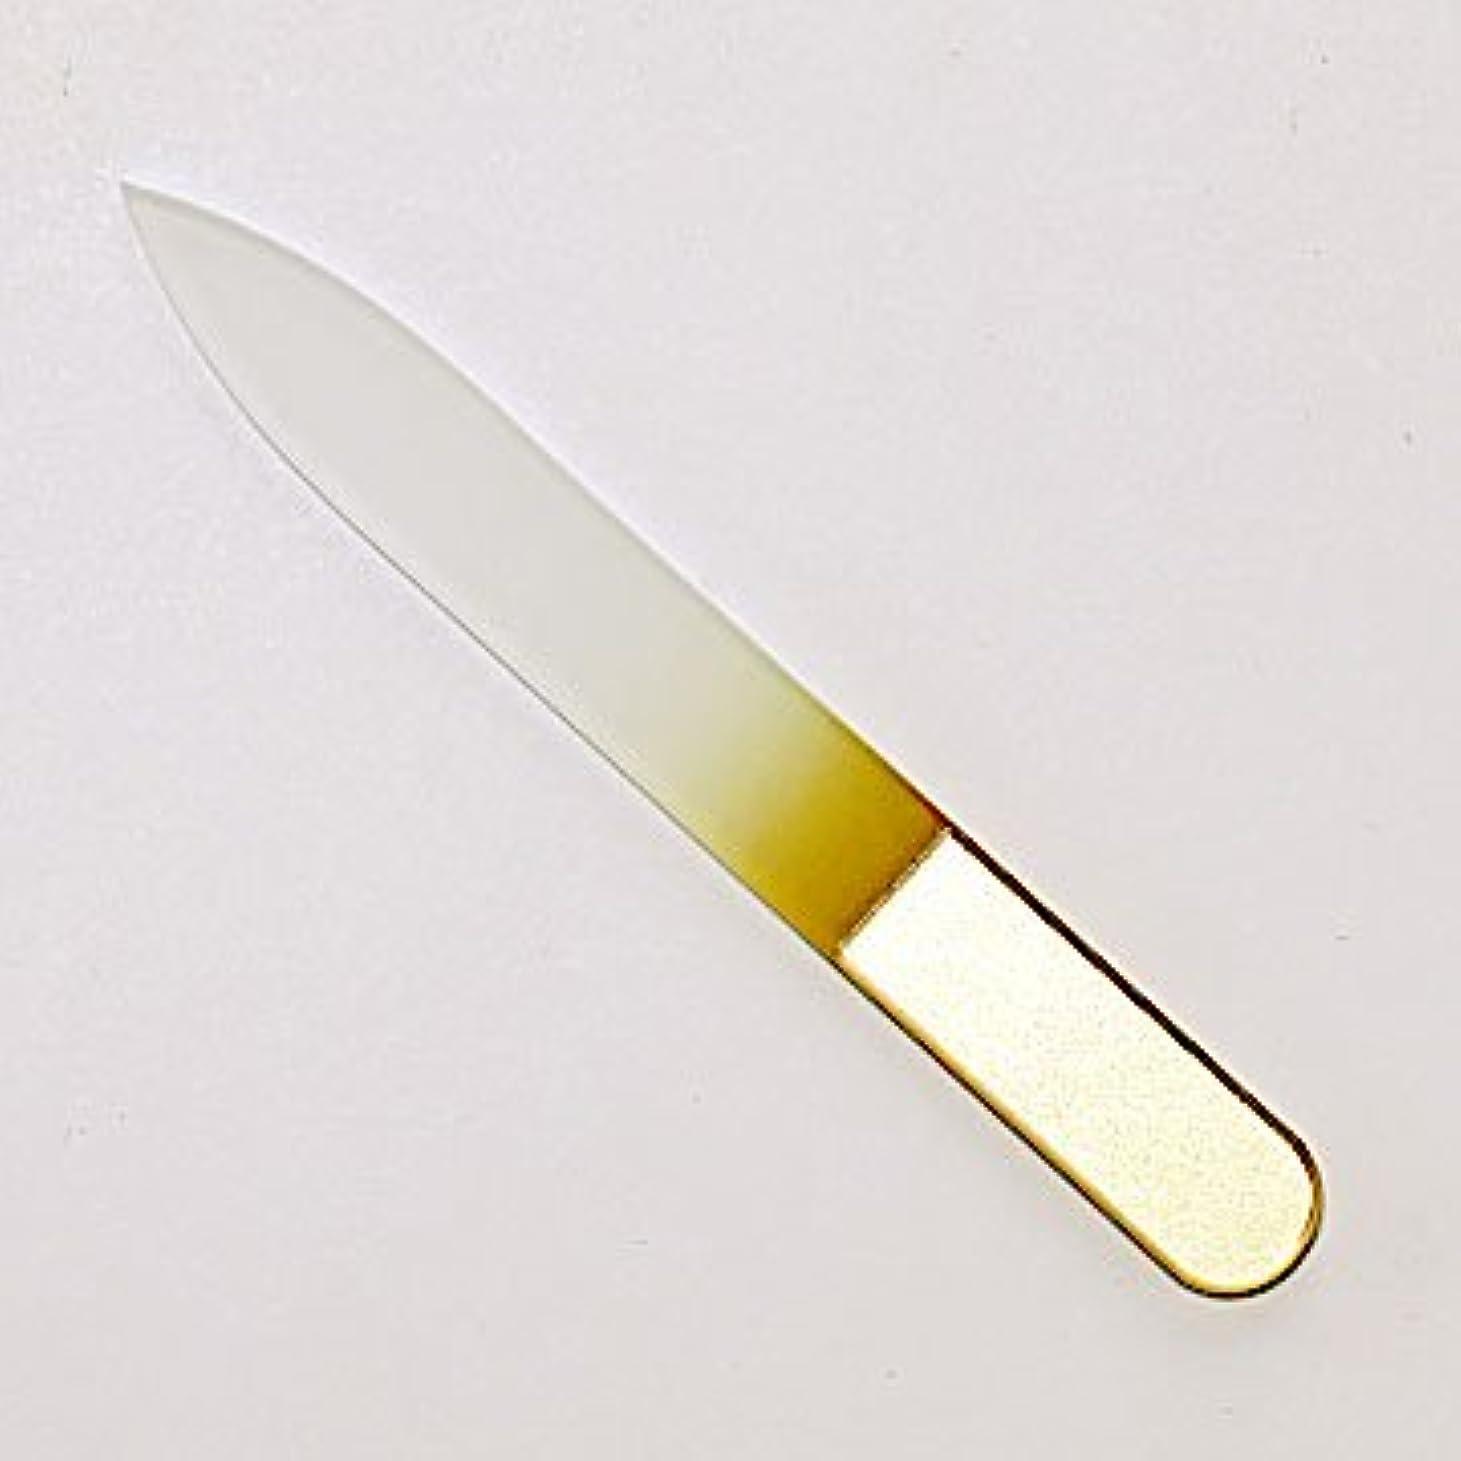 純正全体に便利さチェコ製 AXiON(アクシオン)ガラス製爪ヤスリ(ゴールド)両面タイプ #slg009614fba